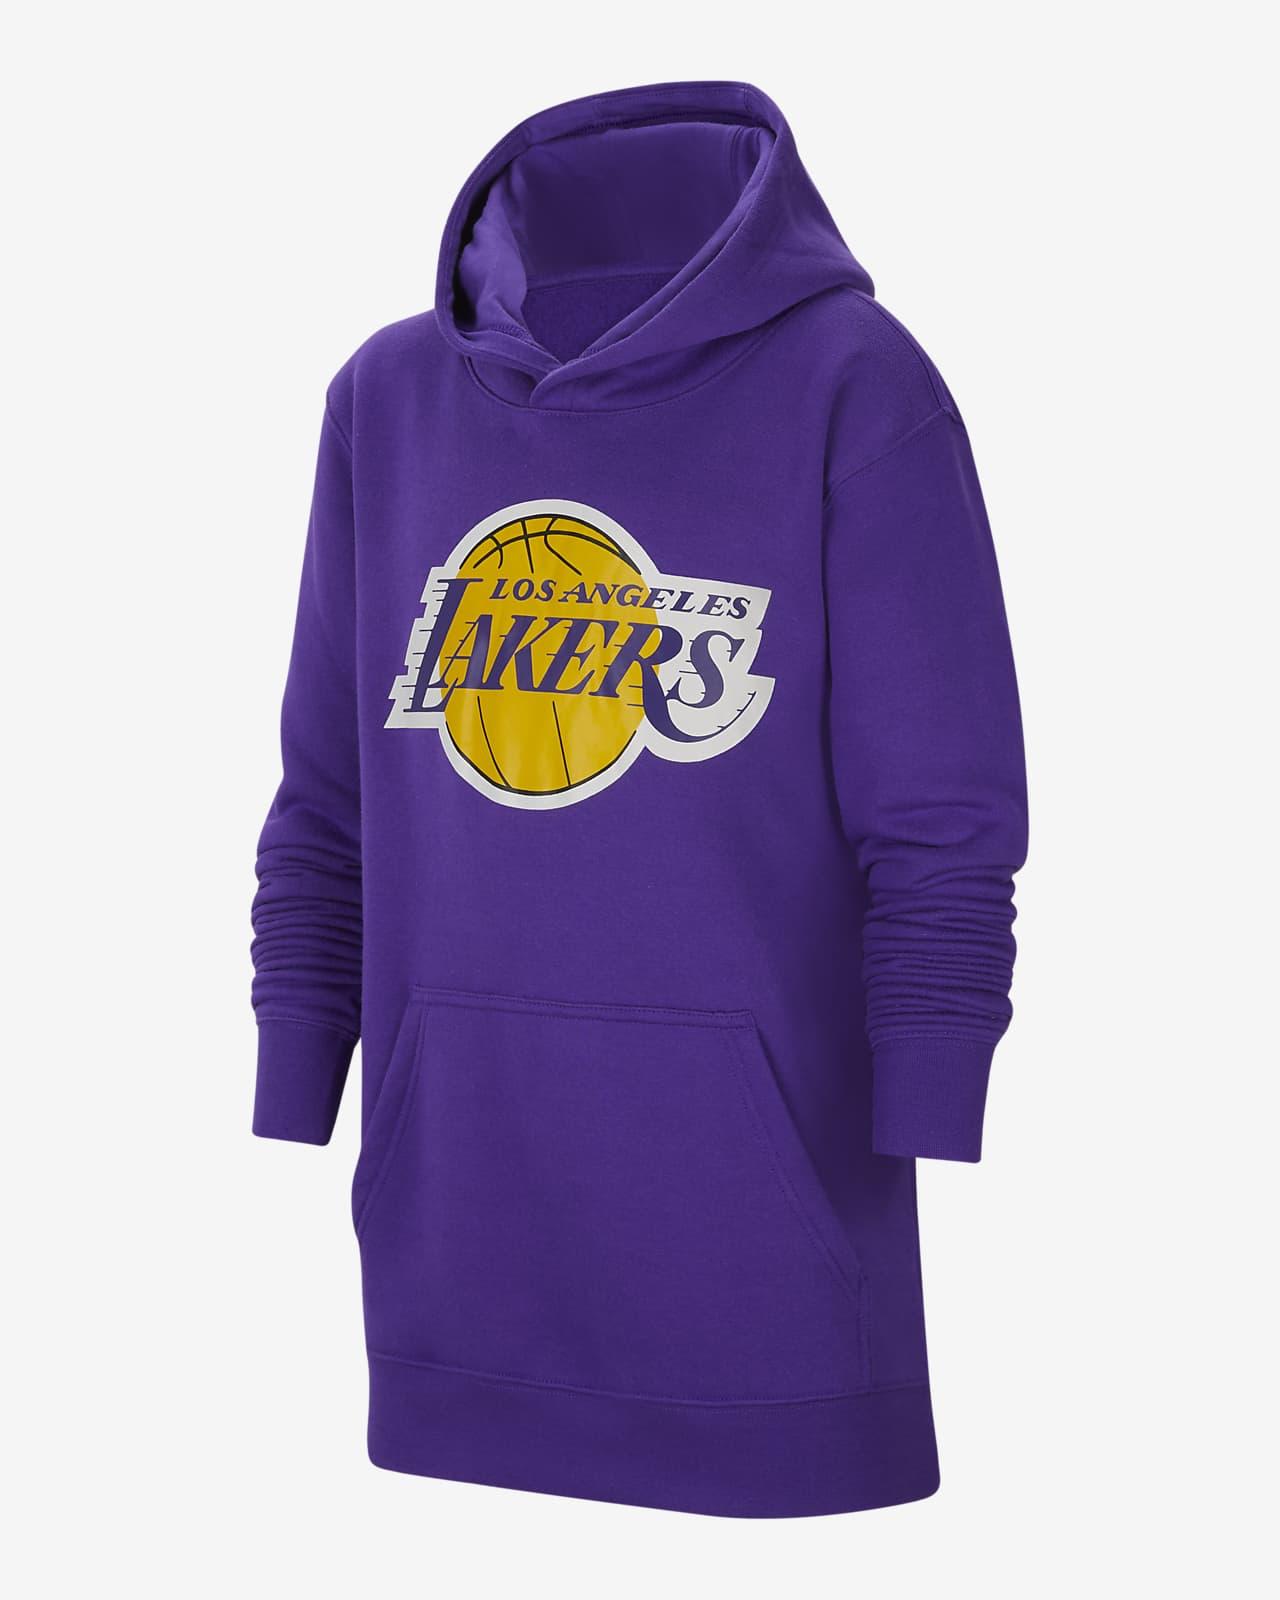 Los Angeles Lakers Essential Nike NBA-Hoodie für ältere Kinder